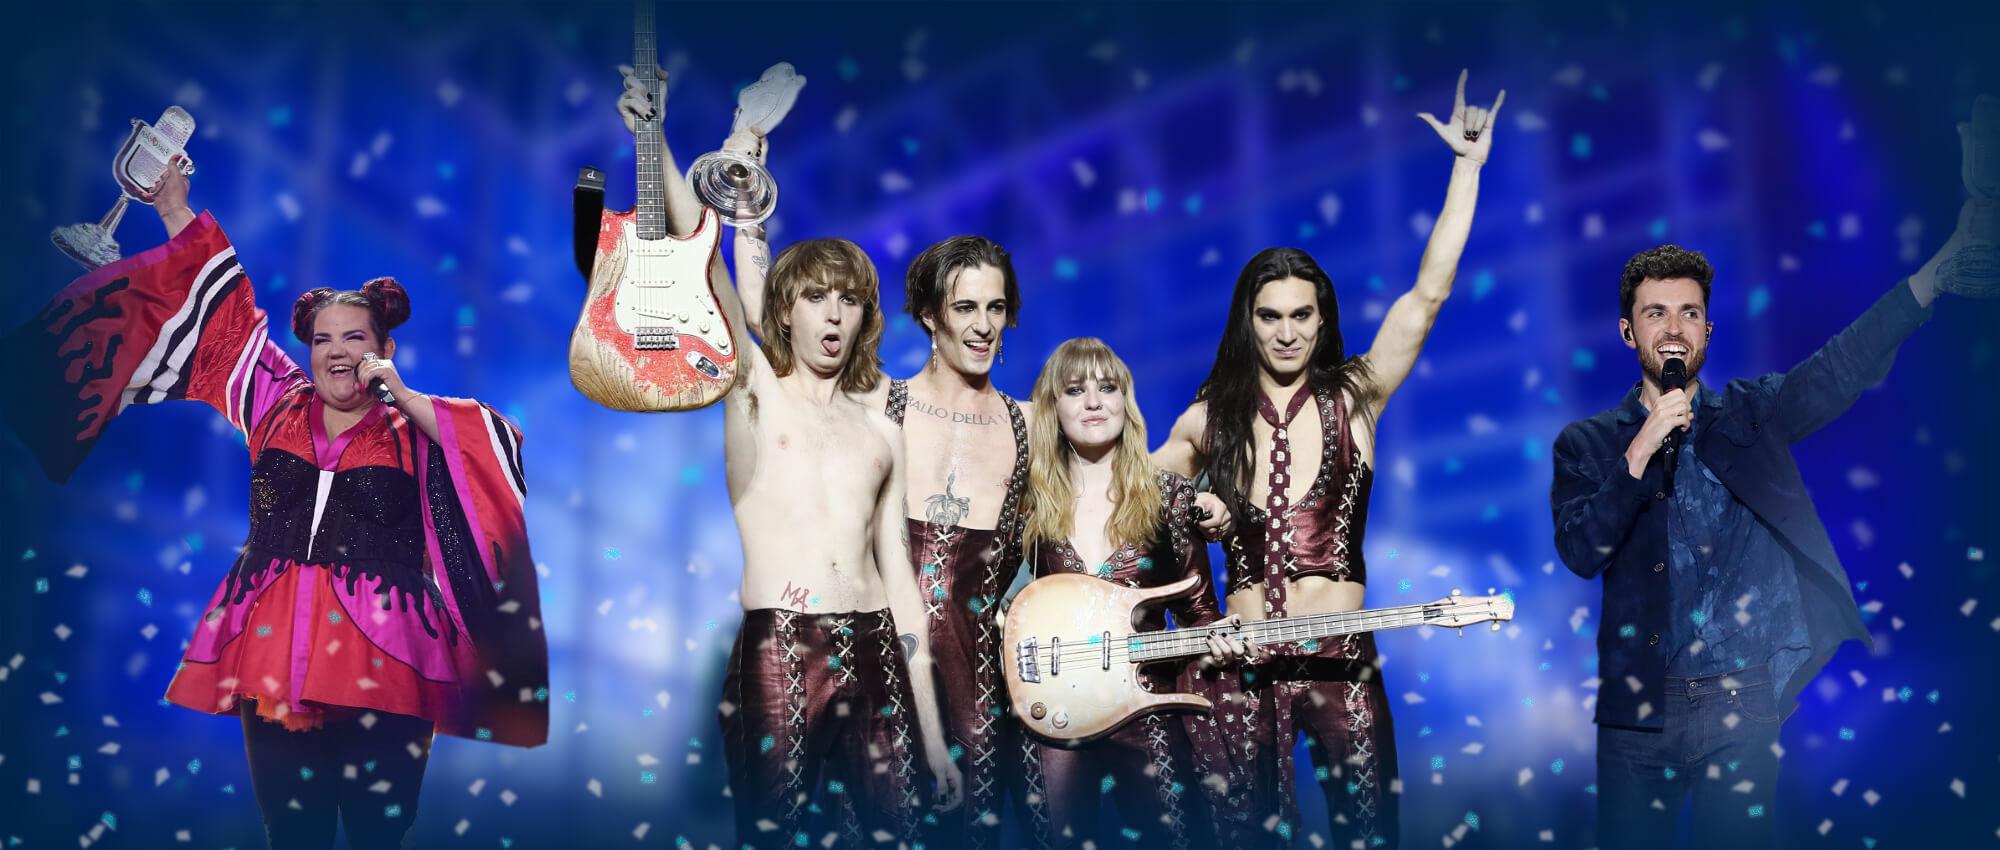 Eurovision Winners: Netta, Måneskin, Duncan Laurence